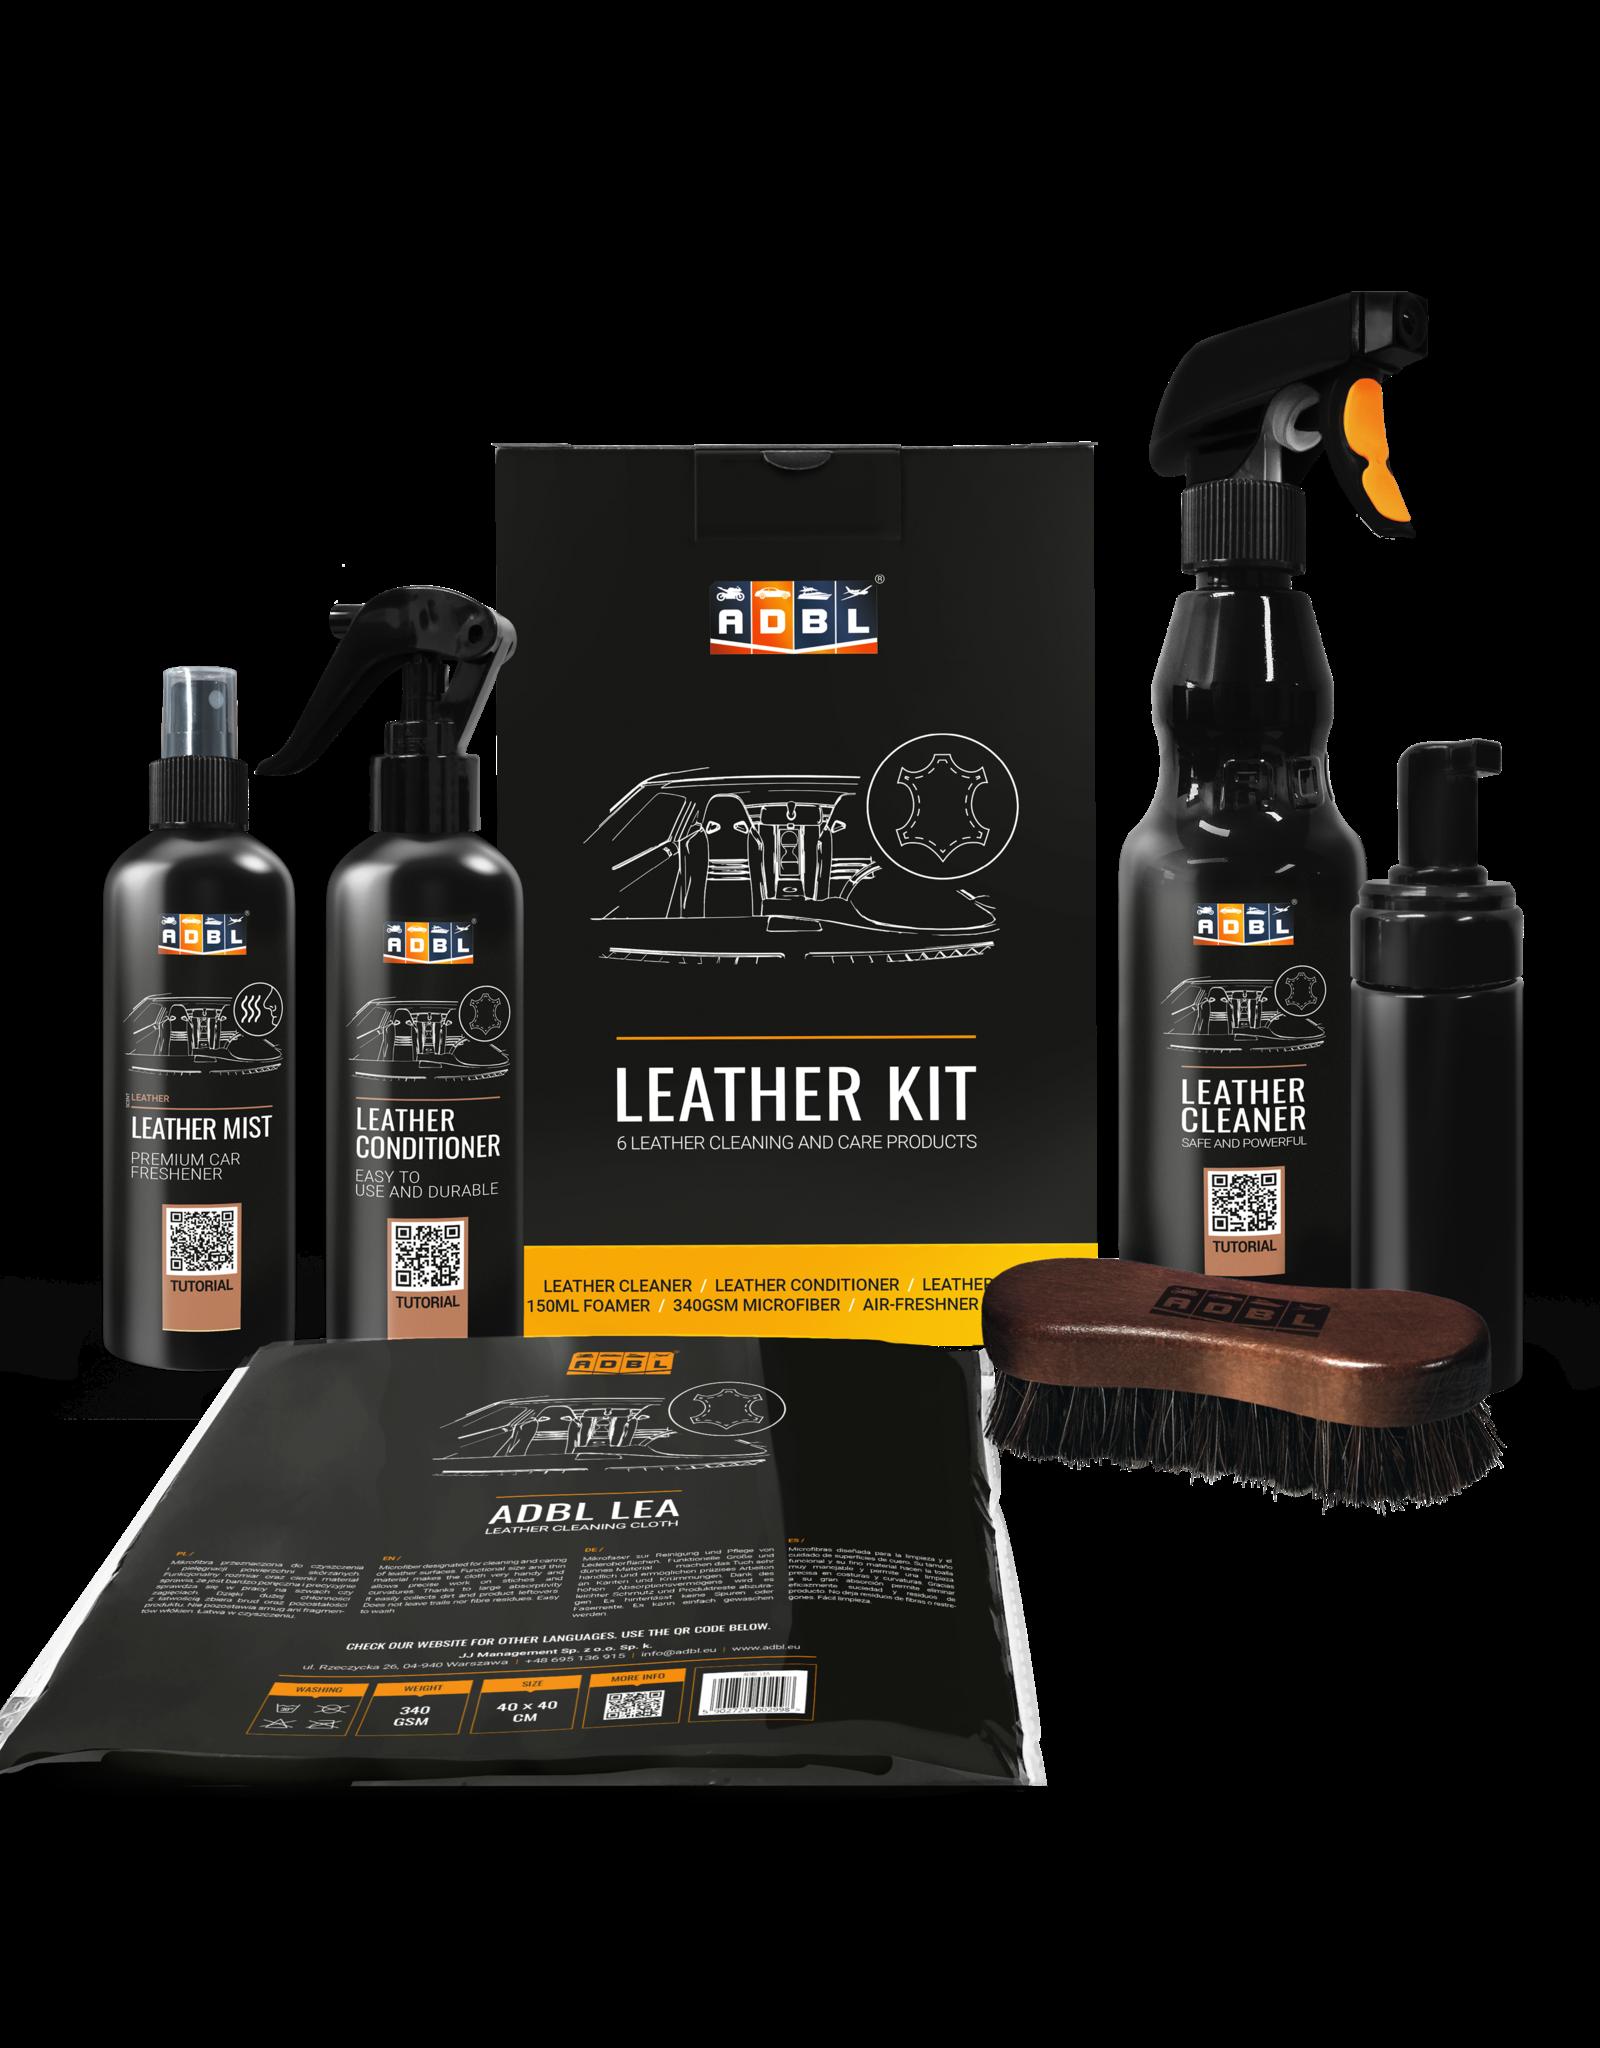 ADBL Leather Kit Lederpflegeset